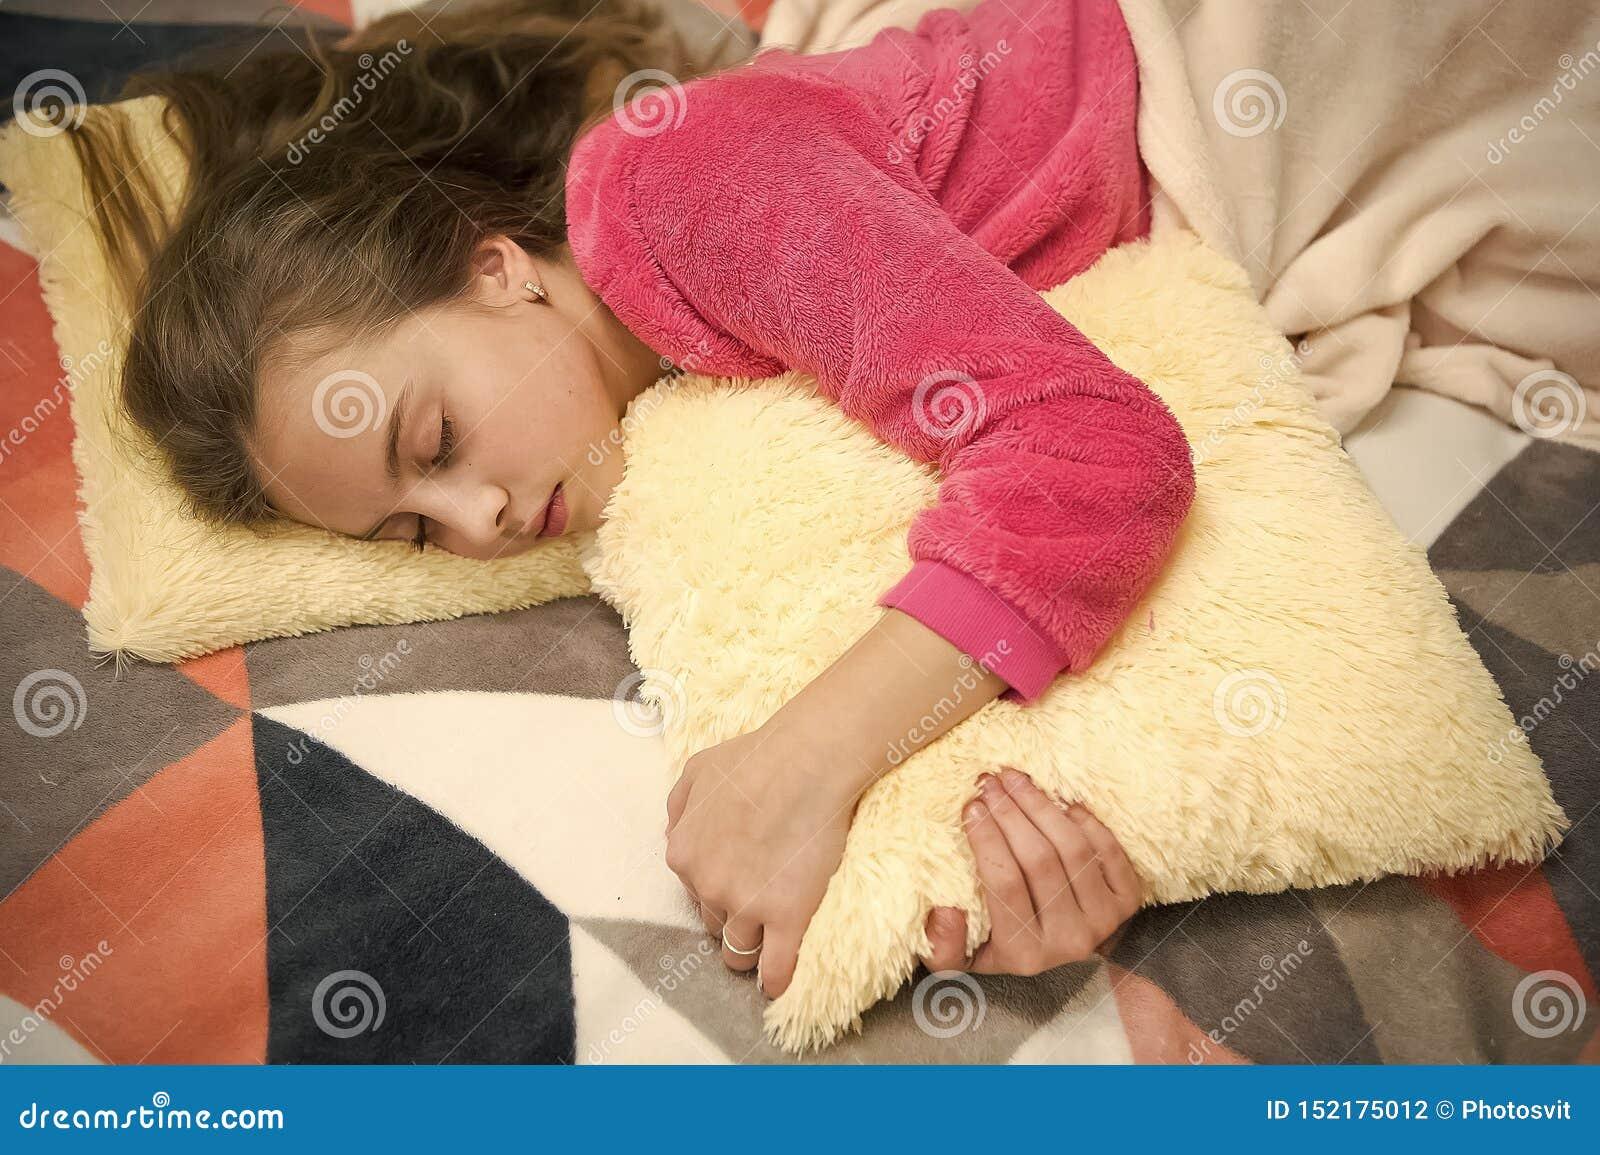 Выравнивать релаксацию перед сном Концепция ухода за детьми Приятная релаксация времени Психические здоровья и позитивность Напра